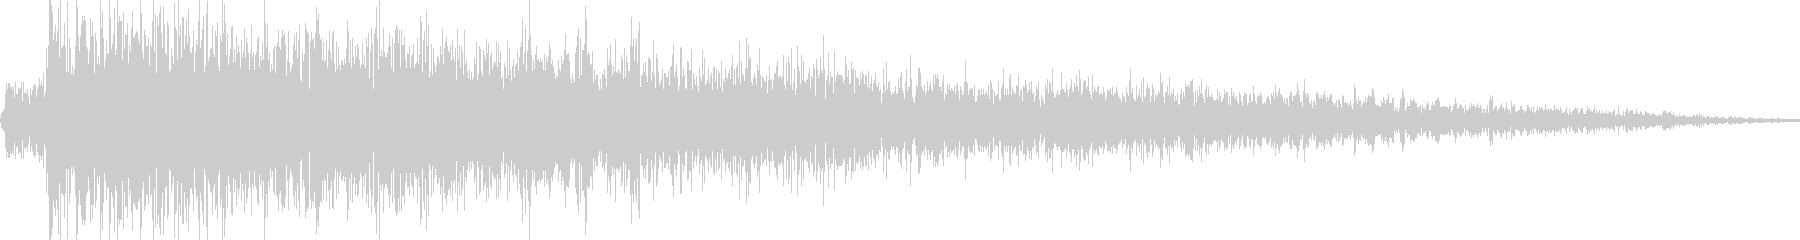 ロボット足音 タイプ9の未再生の波形